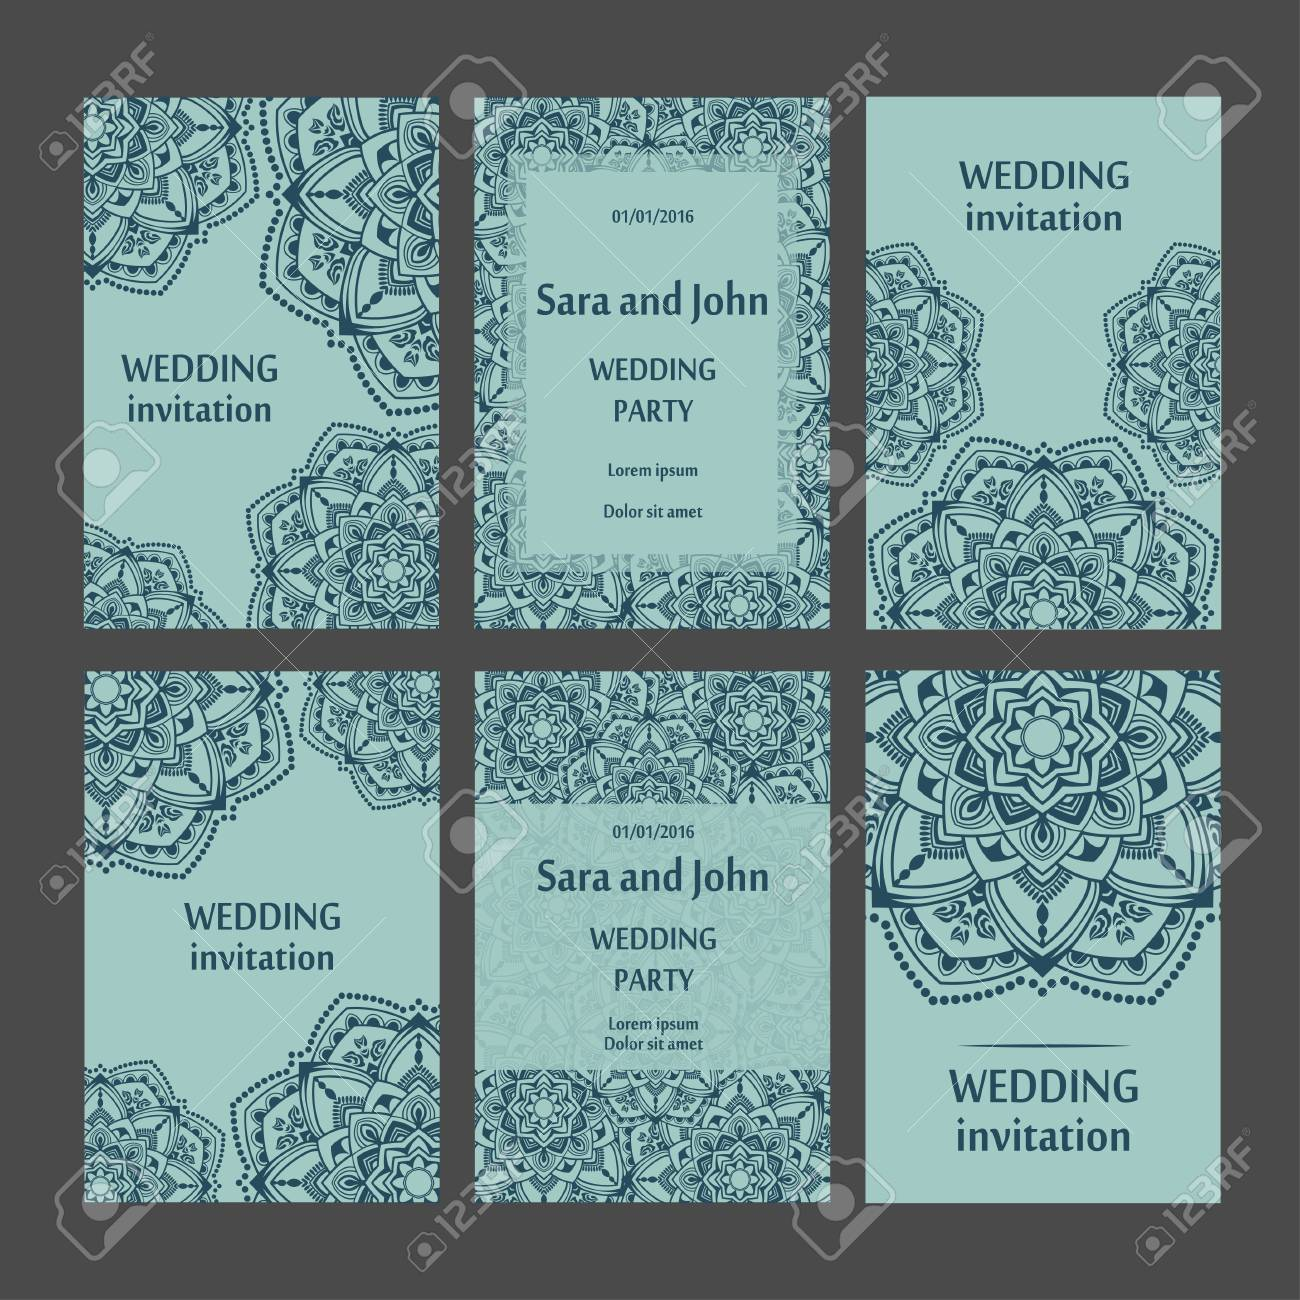 Tarjetas De Invitación Vintage Con Adorno De Encaje Diseño De Marco De Plantilla Para Tarjeta Estilo Retro Mandala